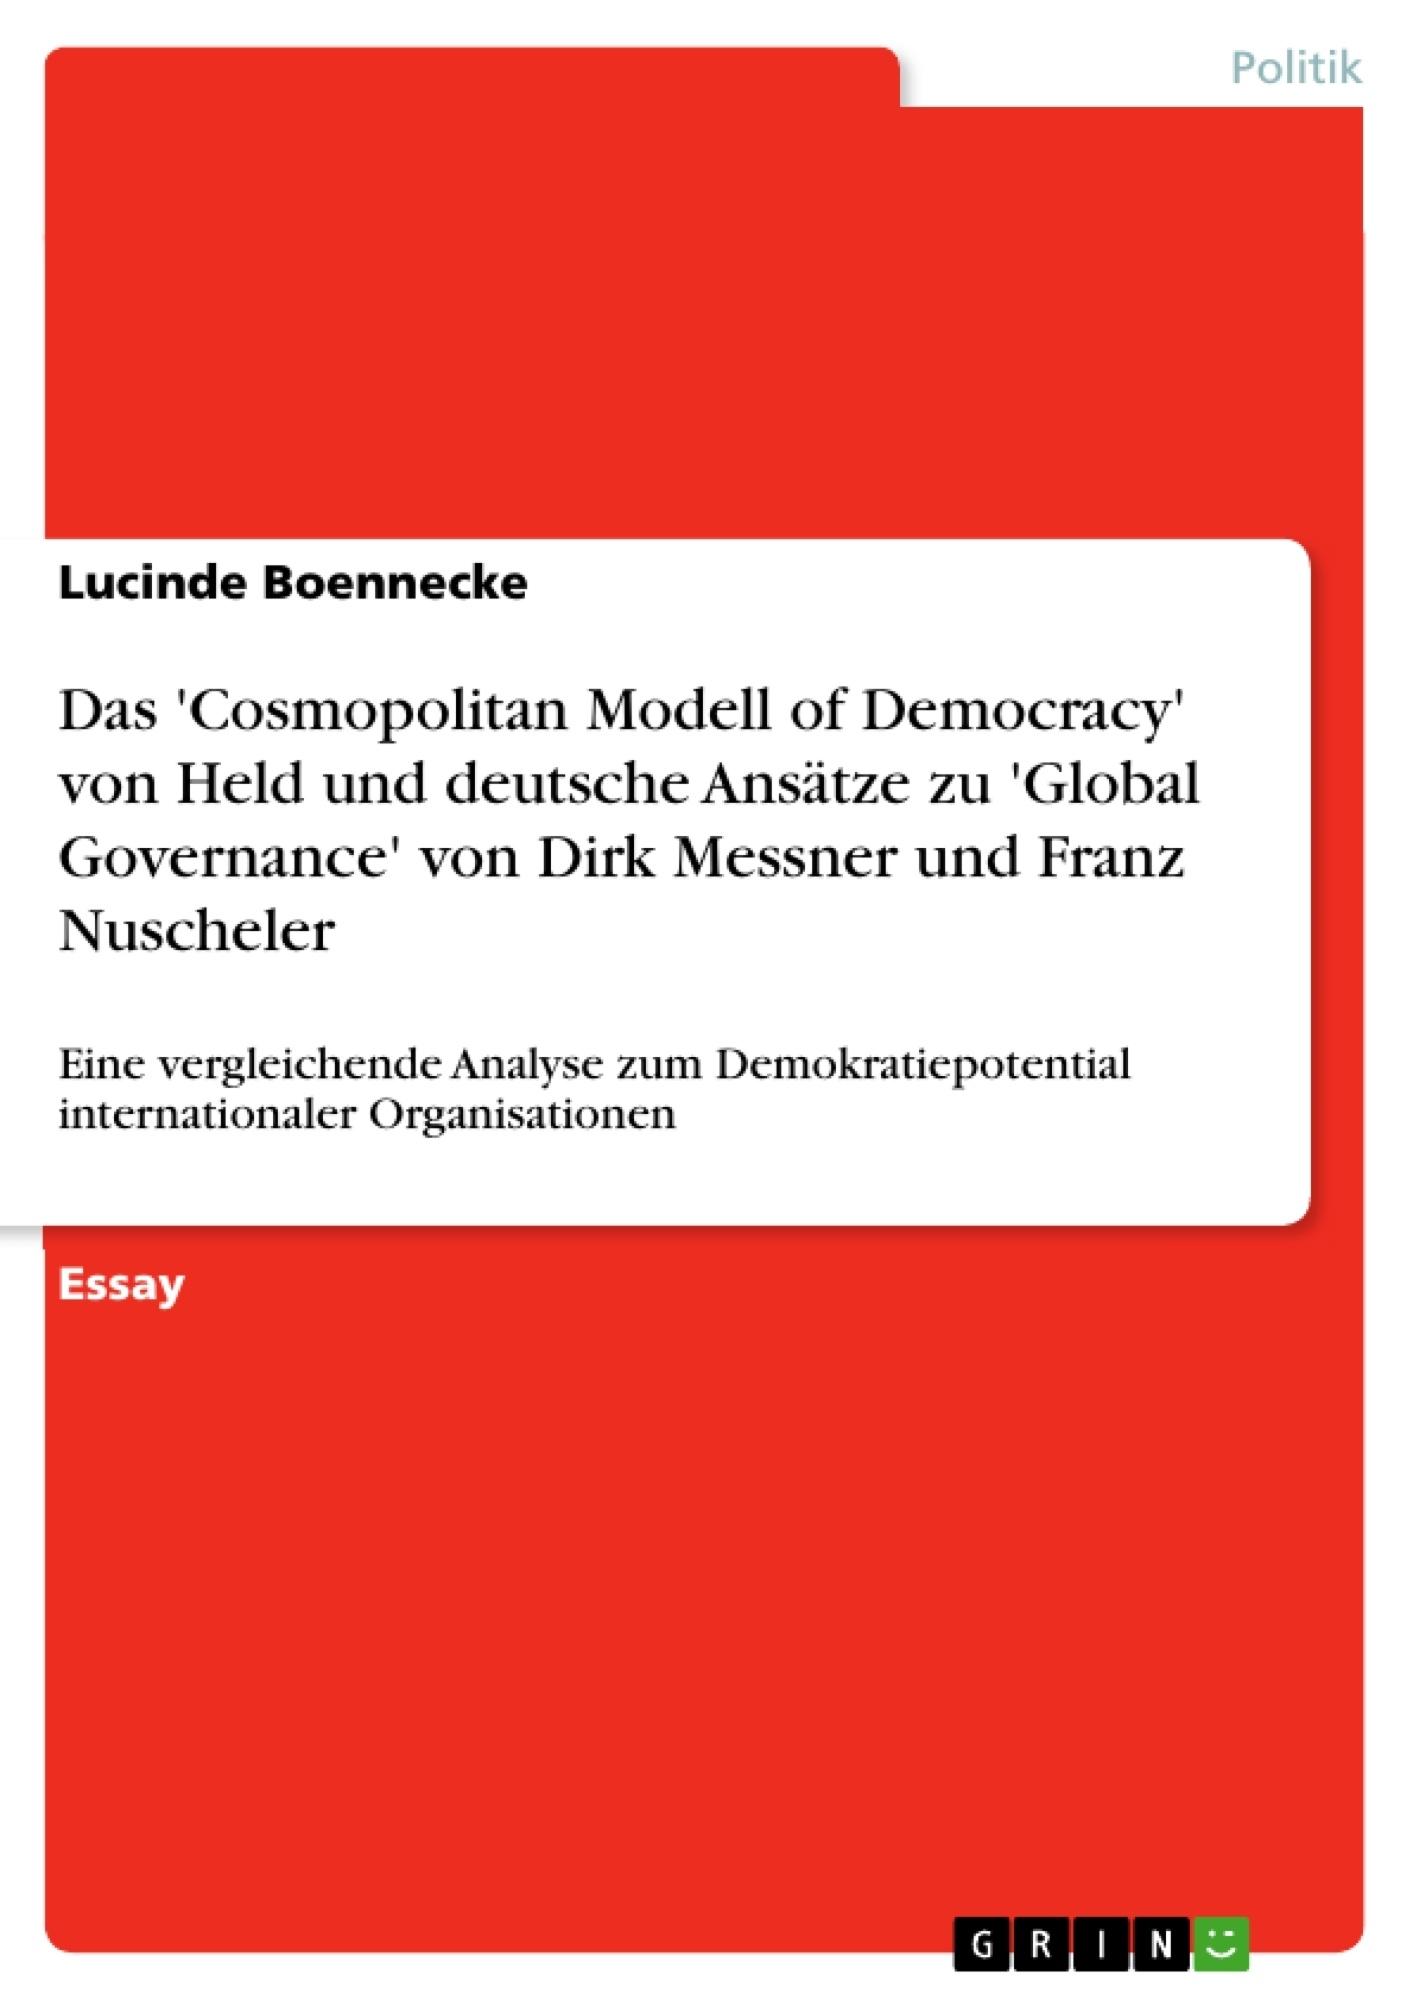 Titel: Das 'Cosmopolitan Modell of Democracy' von Held und deutsche Ansätze zu 'Global Governance' von Dirk Messner und Franz Nuscheler